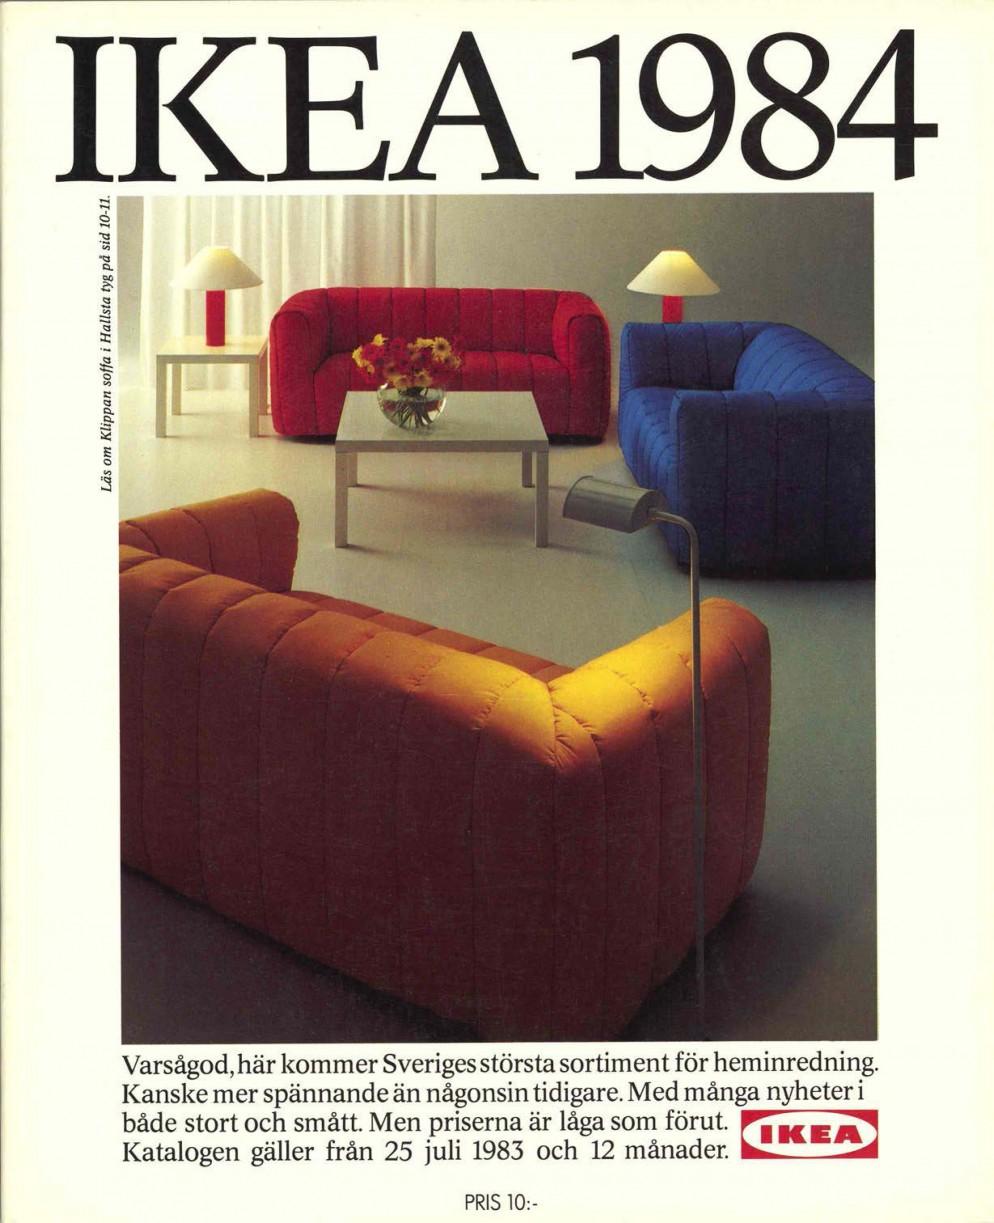 15 IKEA cover 1984